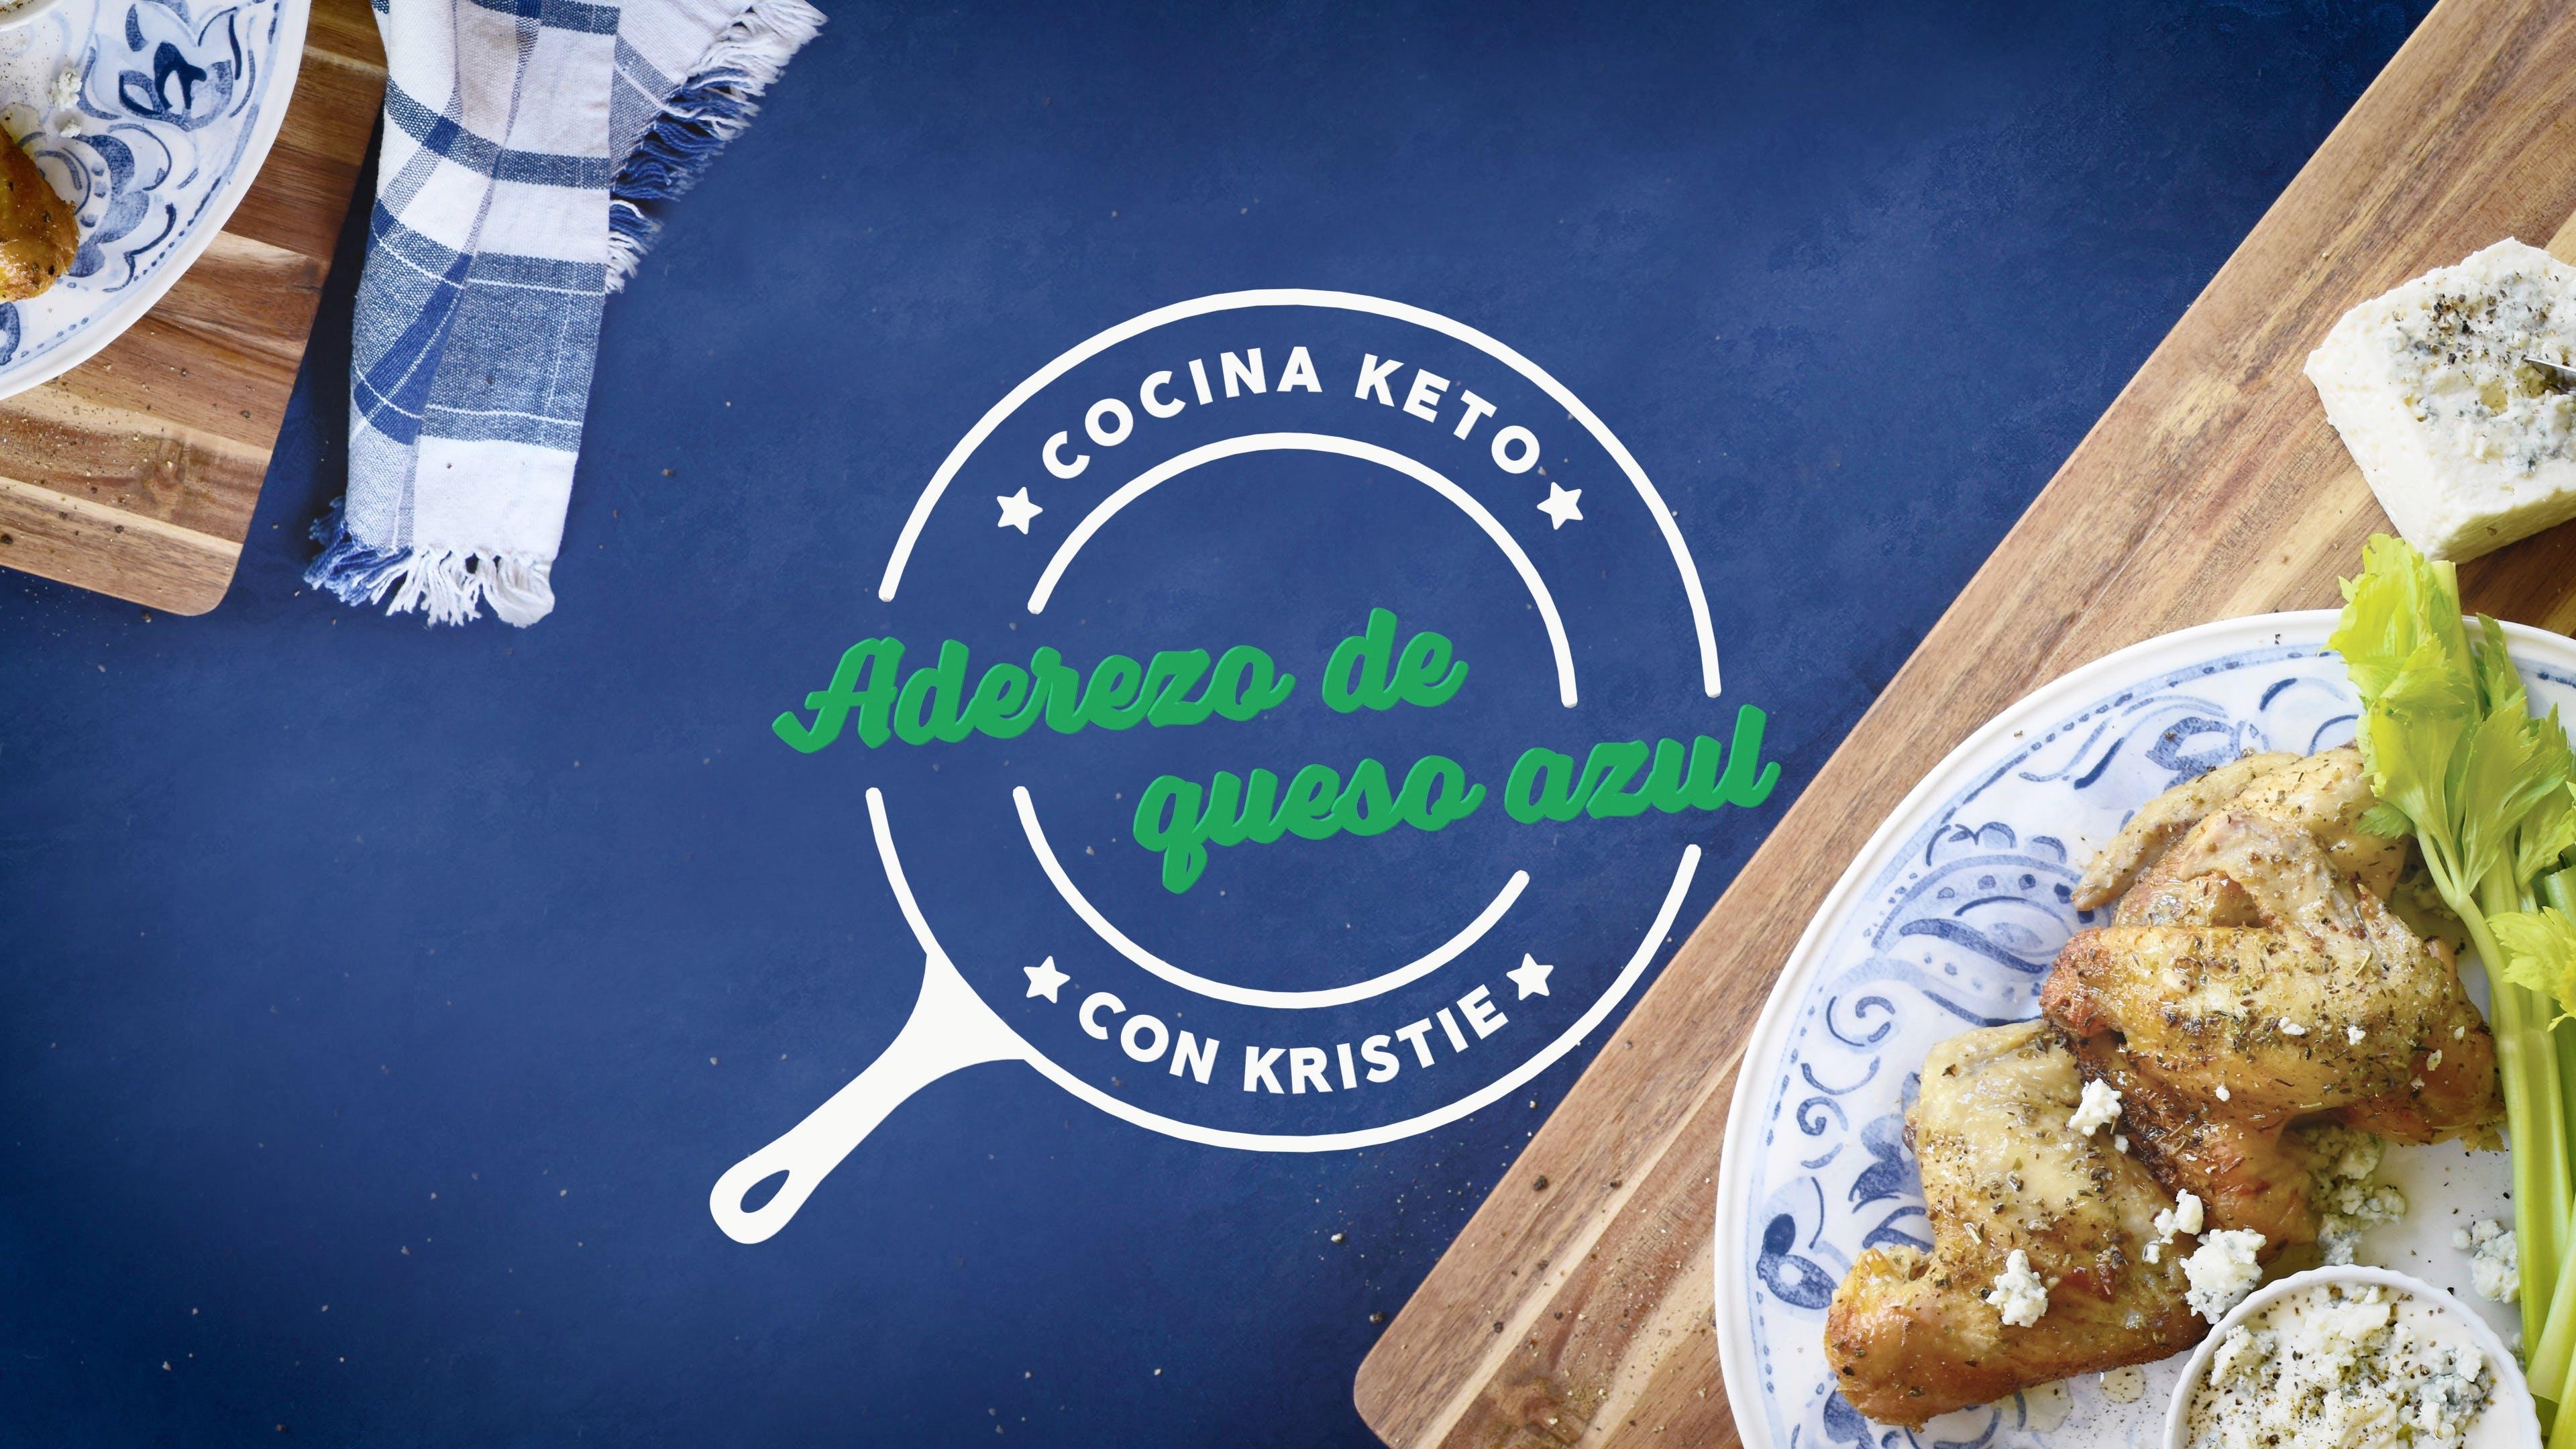 Cocina keto con Kristie - Aderezo de queso azul